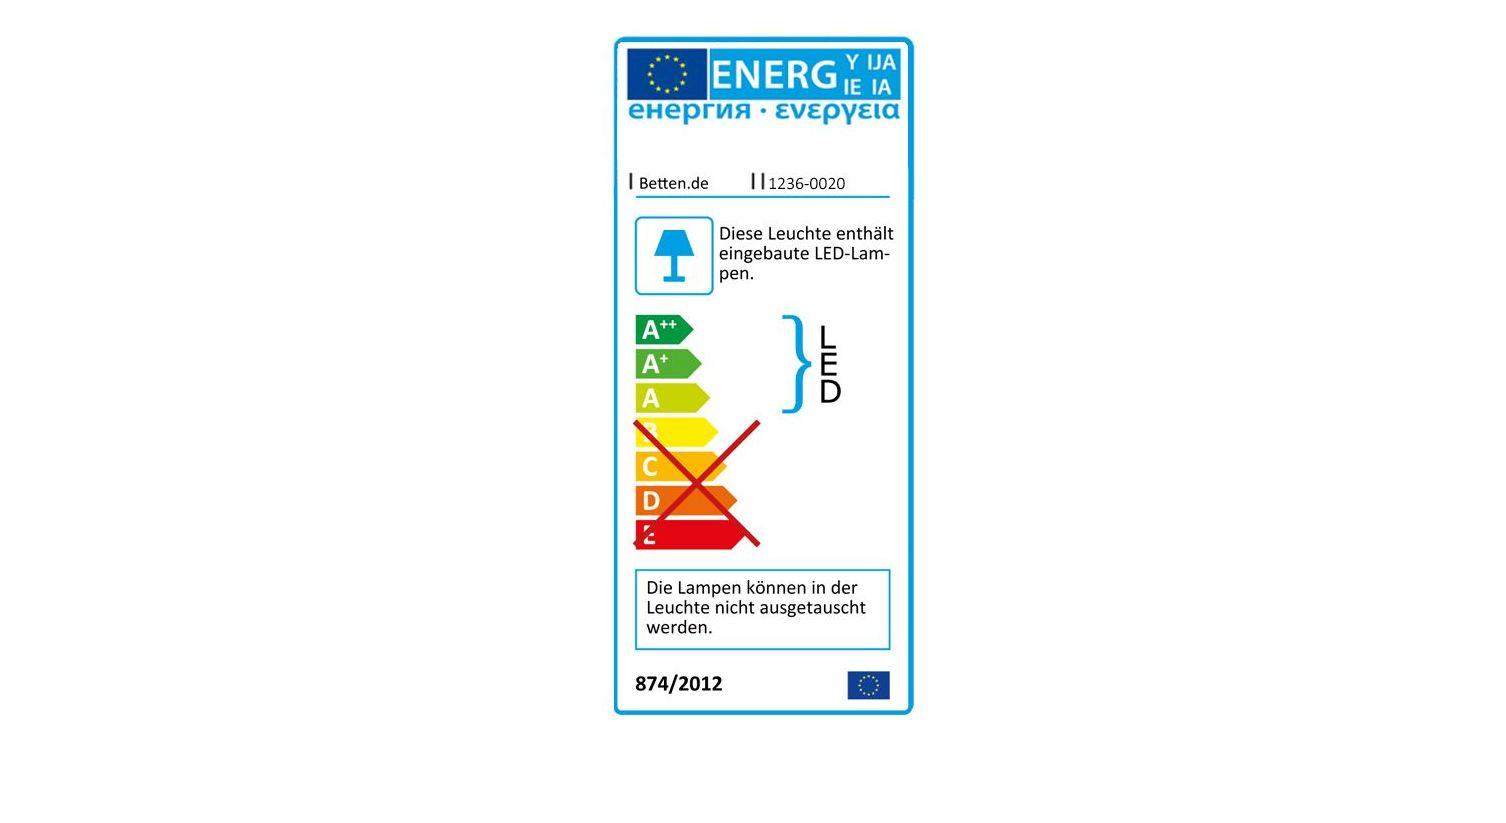 Falttüren-Kleiderschrank Northvilles Energieverbrauchskennzeichnung